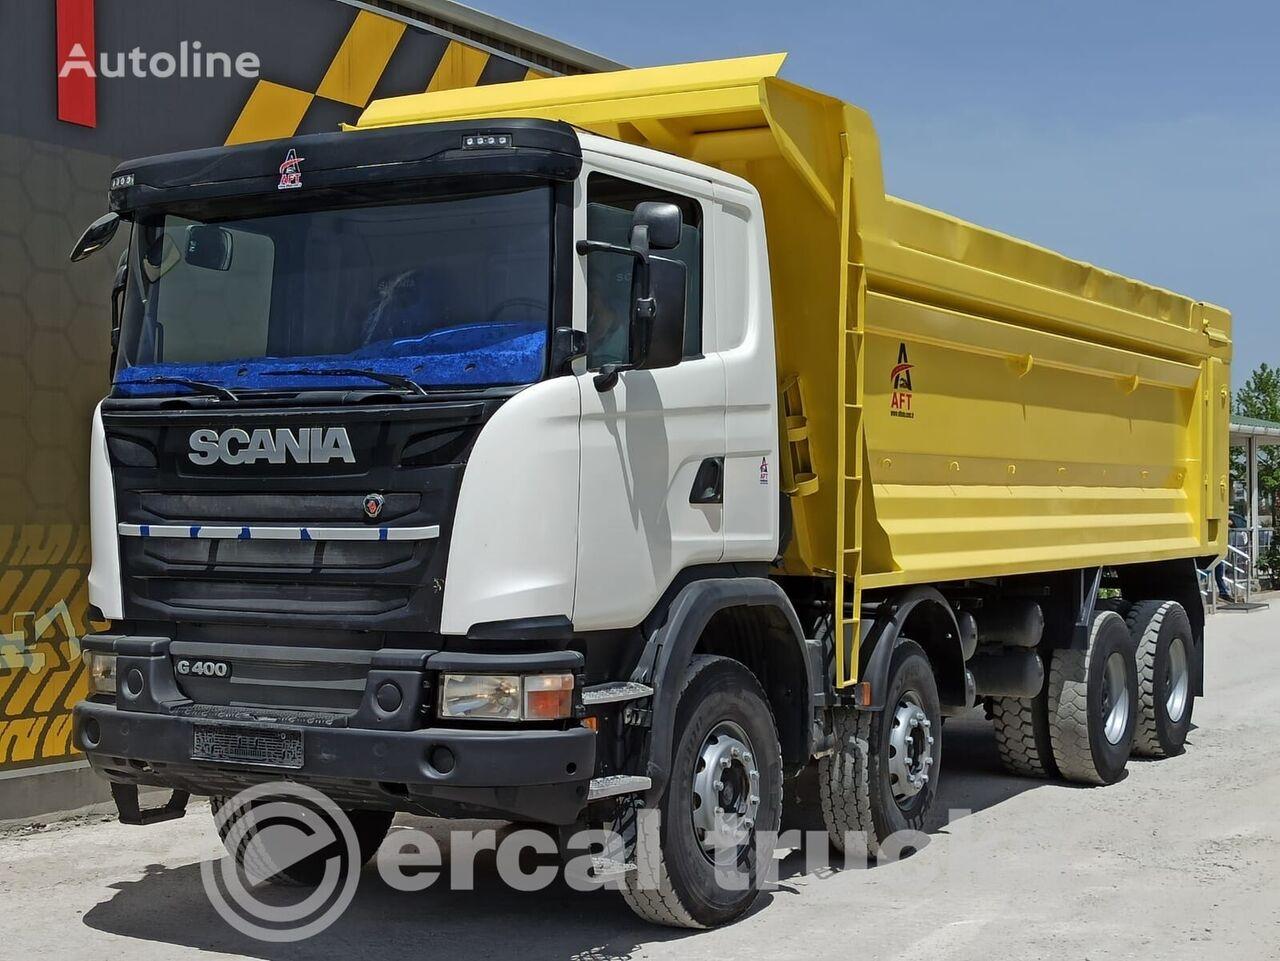 SCANIA 2015 G 400 AC E5 8X4 HARDOX TIPPER  camión volquete